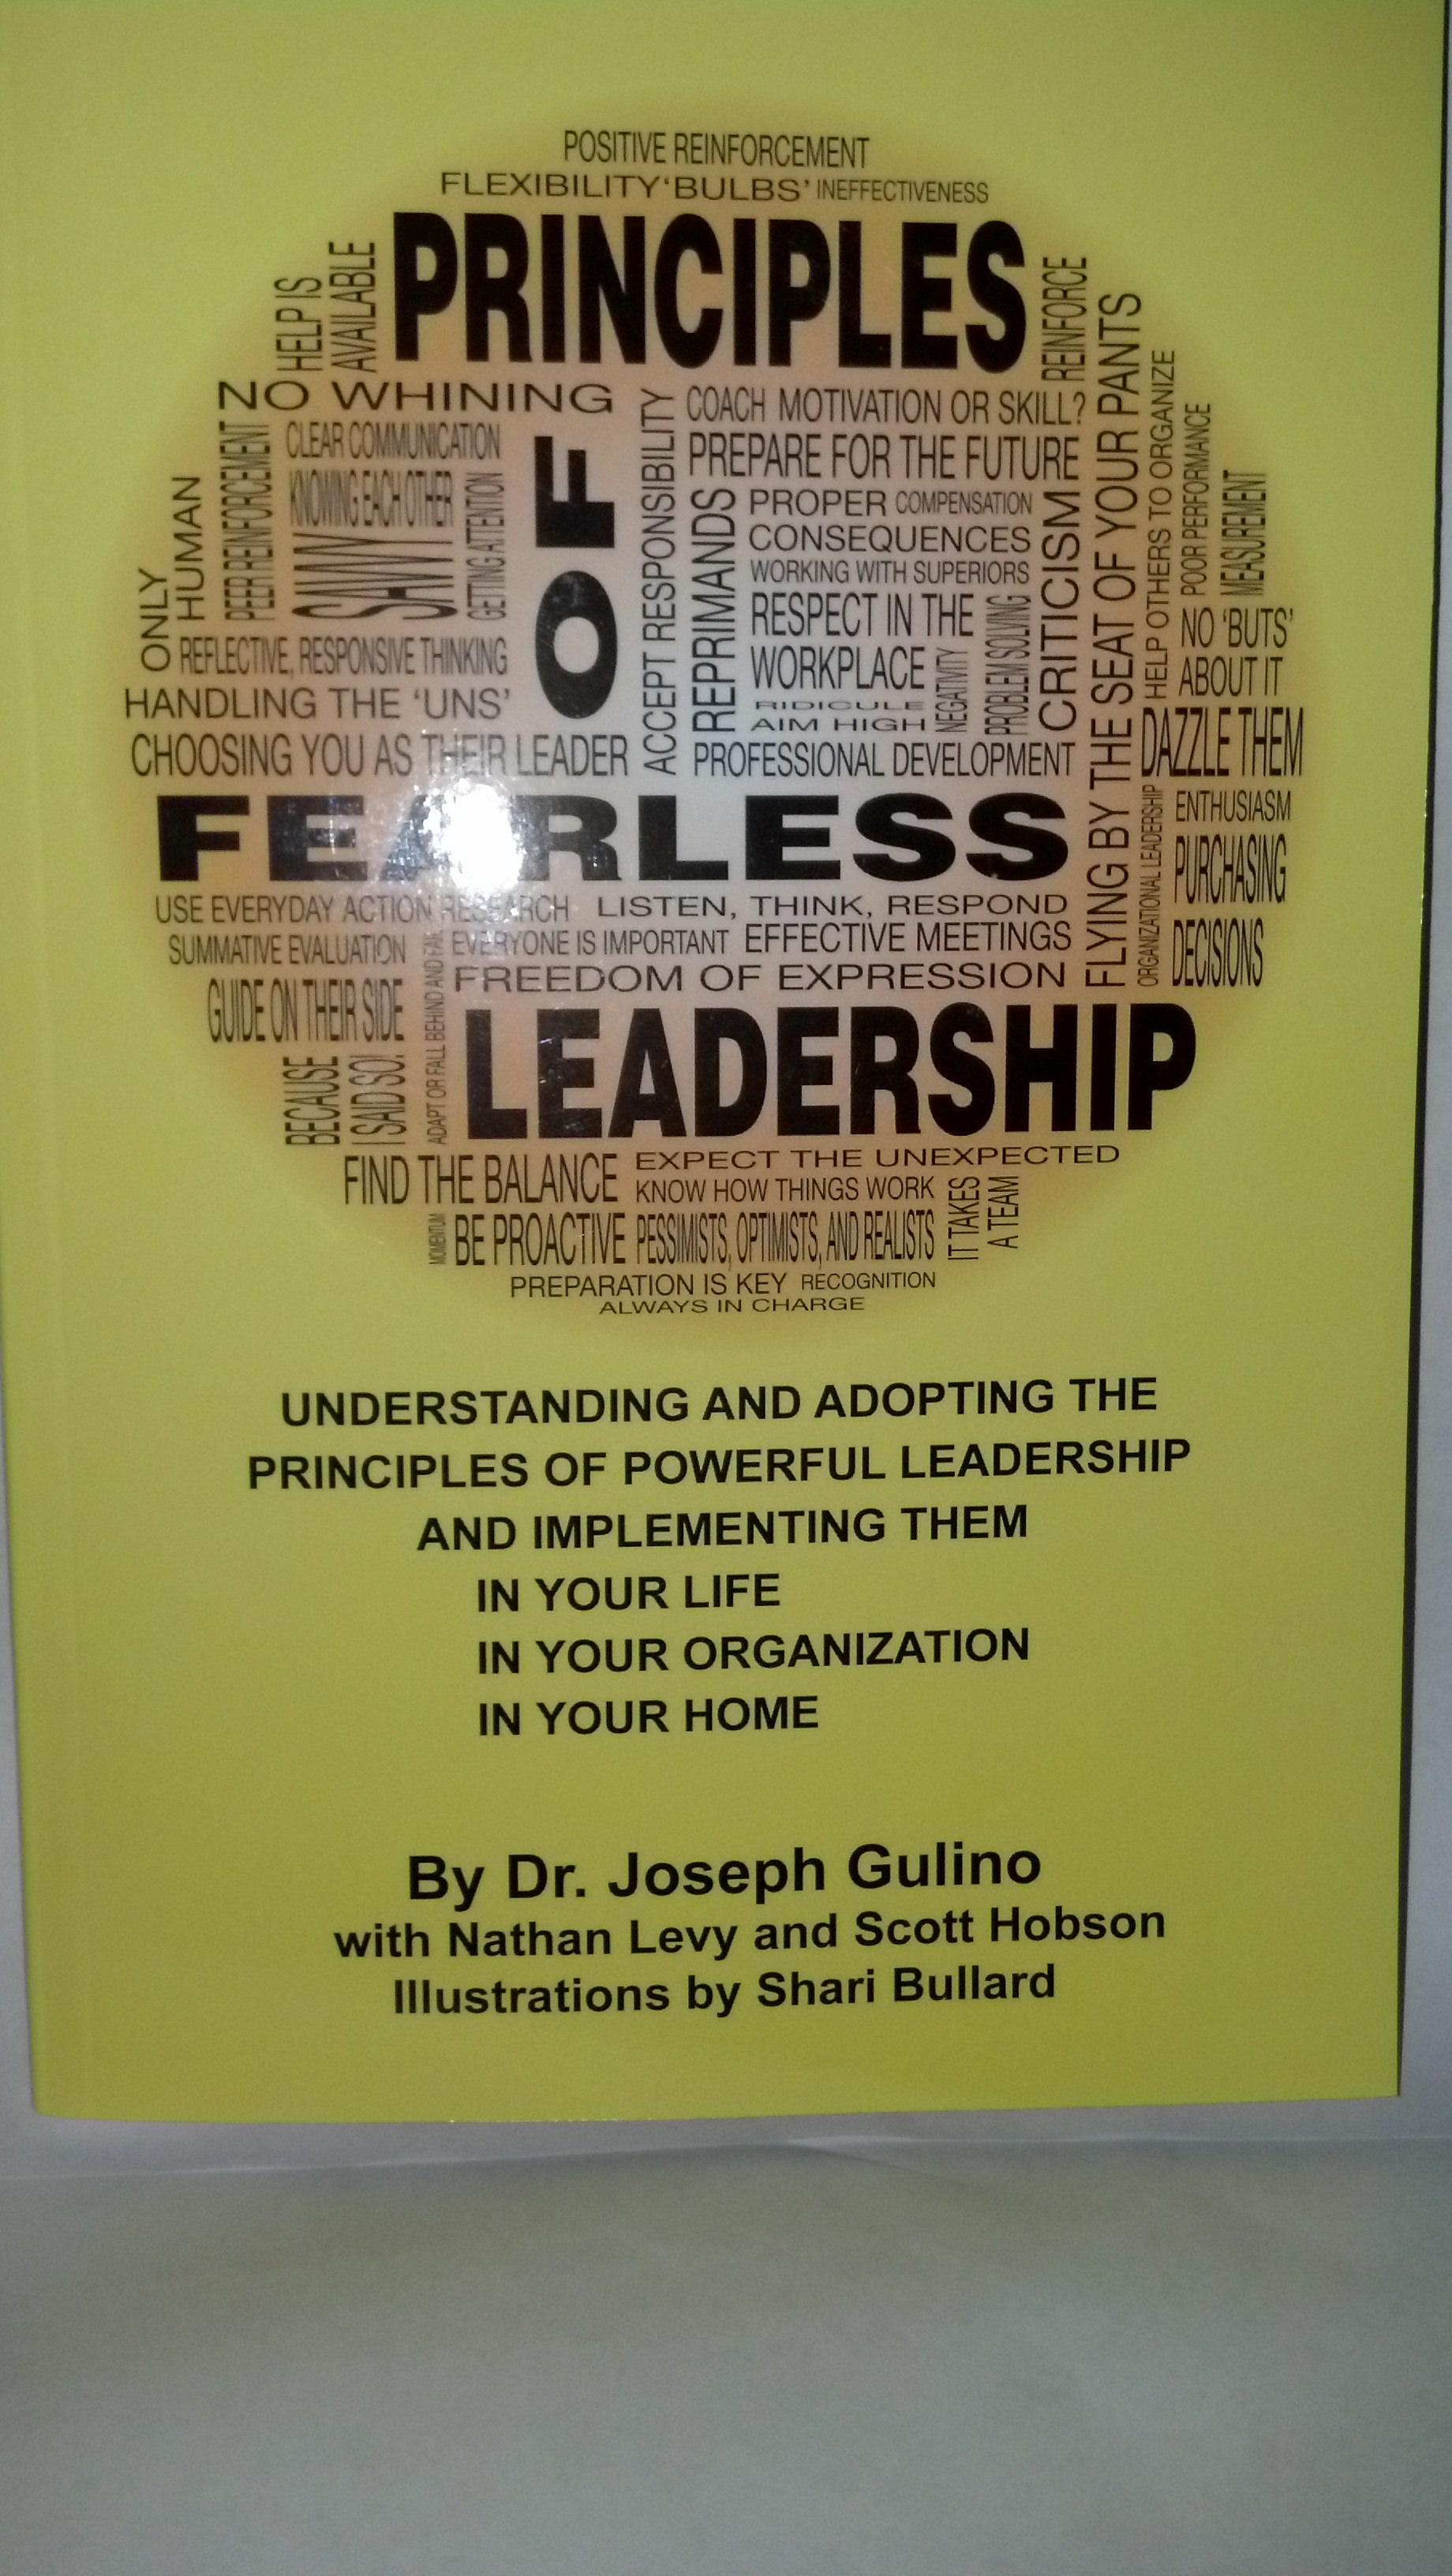 Principles of Fearless Leadership